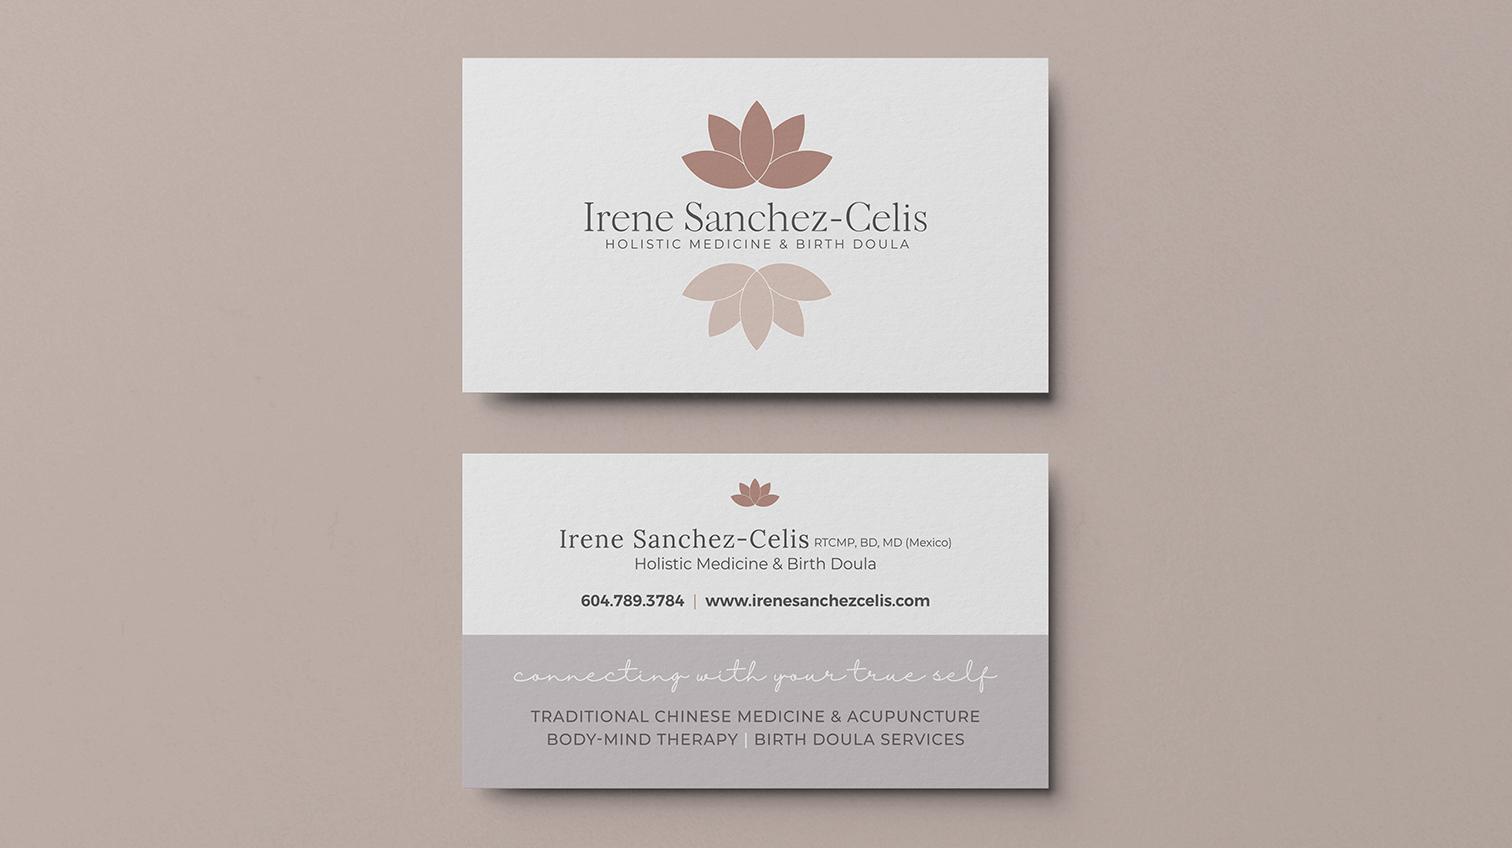 Irene Sanchez-Celis business card design - White Canvas Design